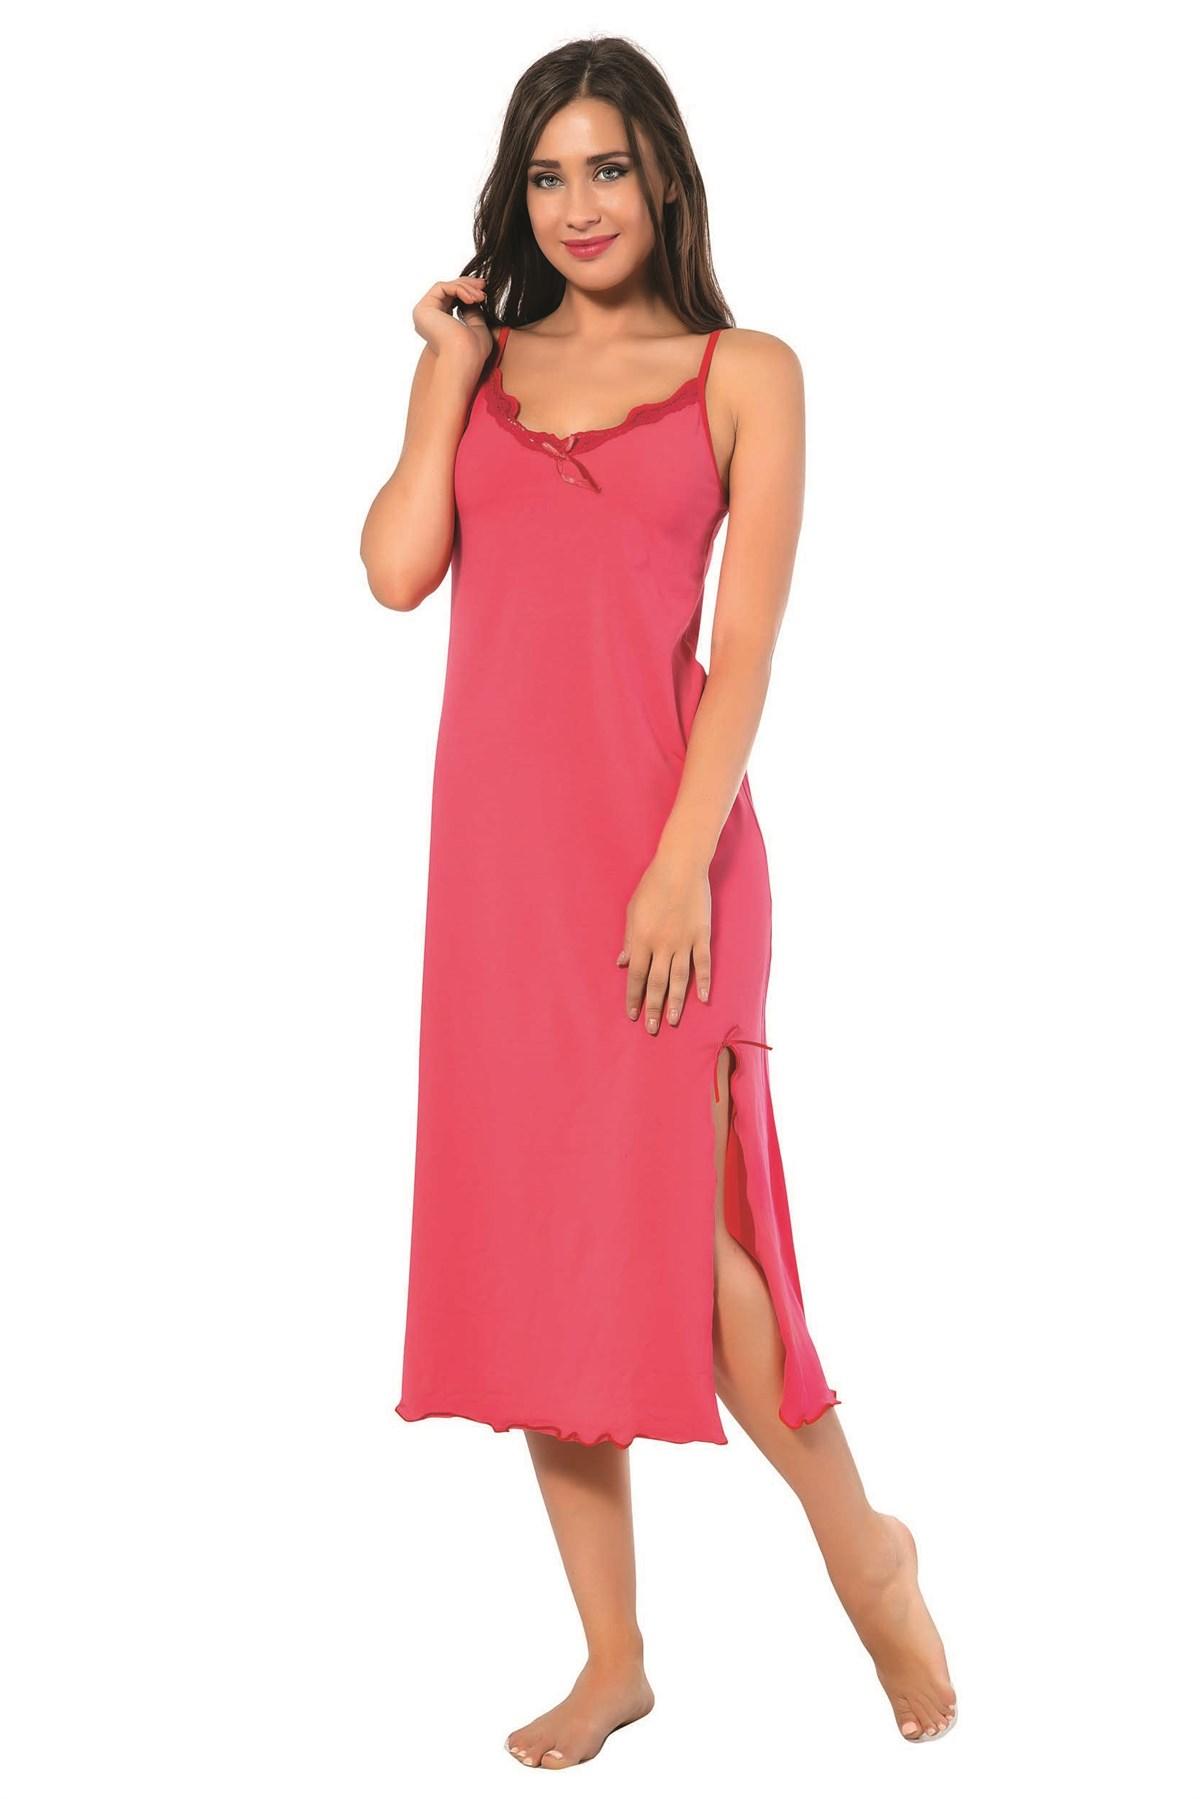 Moda Çizgi Bayan İp Askılı Uzun Gecelik 902